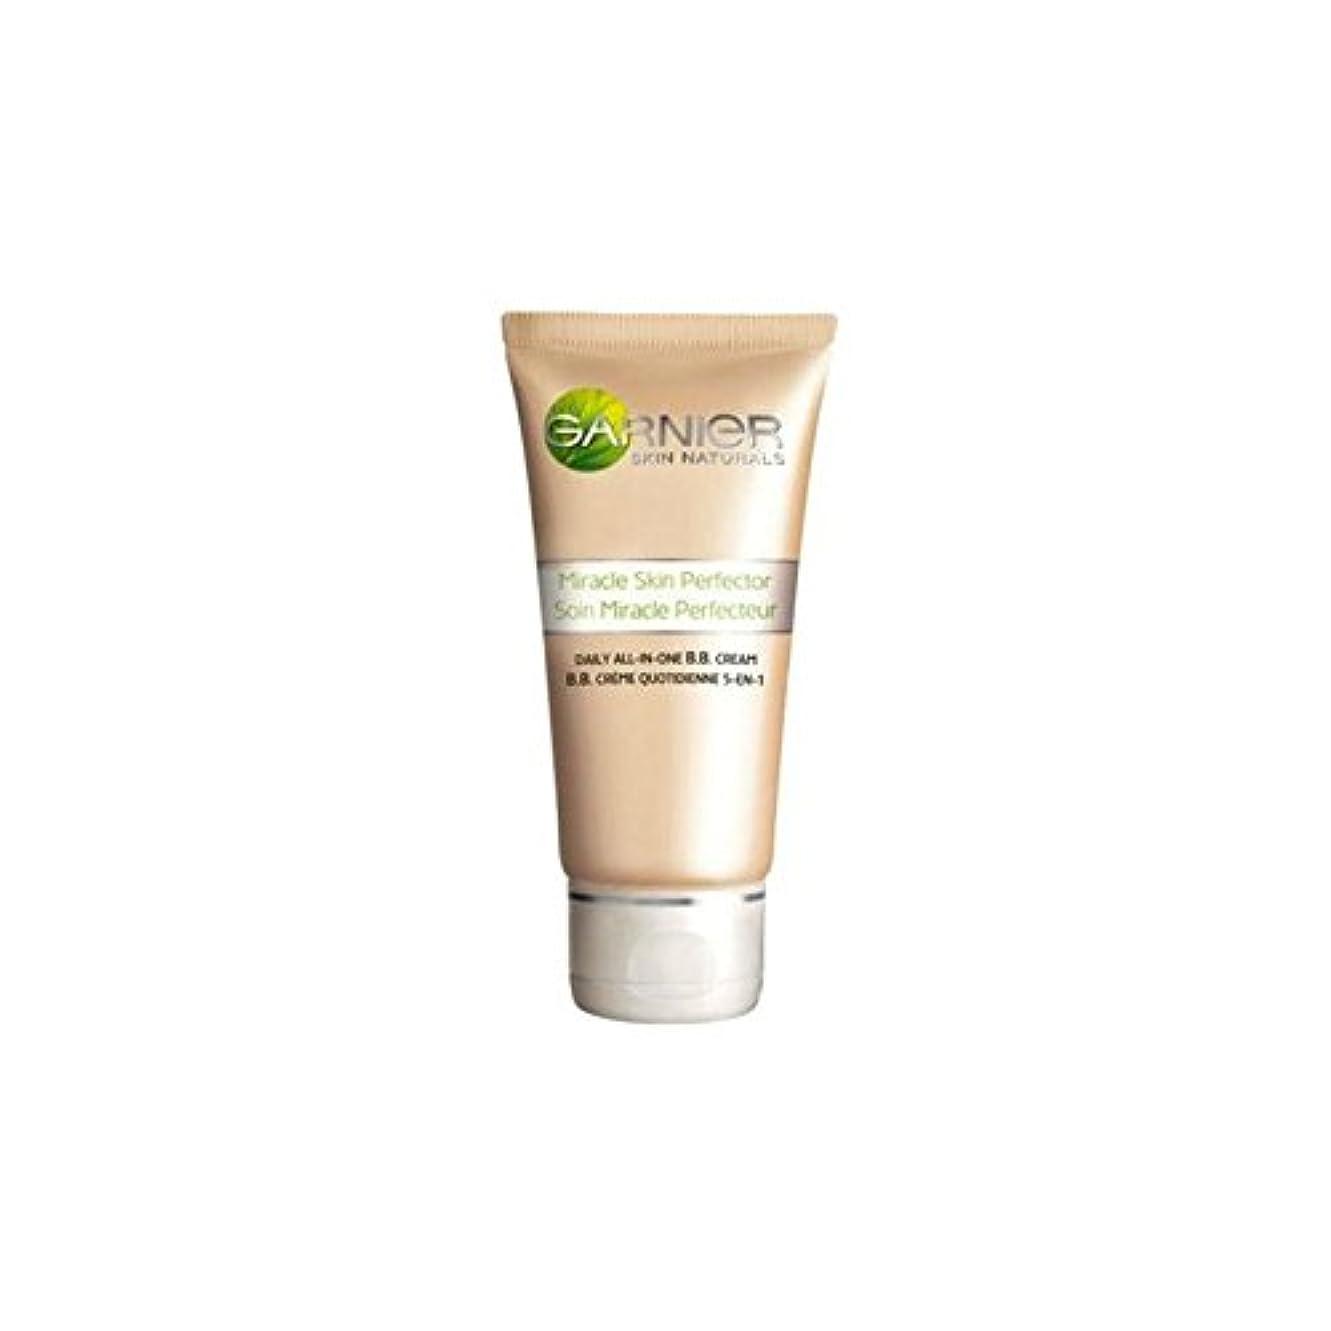 メアリアンジョーンズ送料気質ガルニエオリジナル媒体クリーム(50)中 x4 - Garnier Original Medium Bb Cream (50ml) (Pack of 4) [並行輸入品]